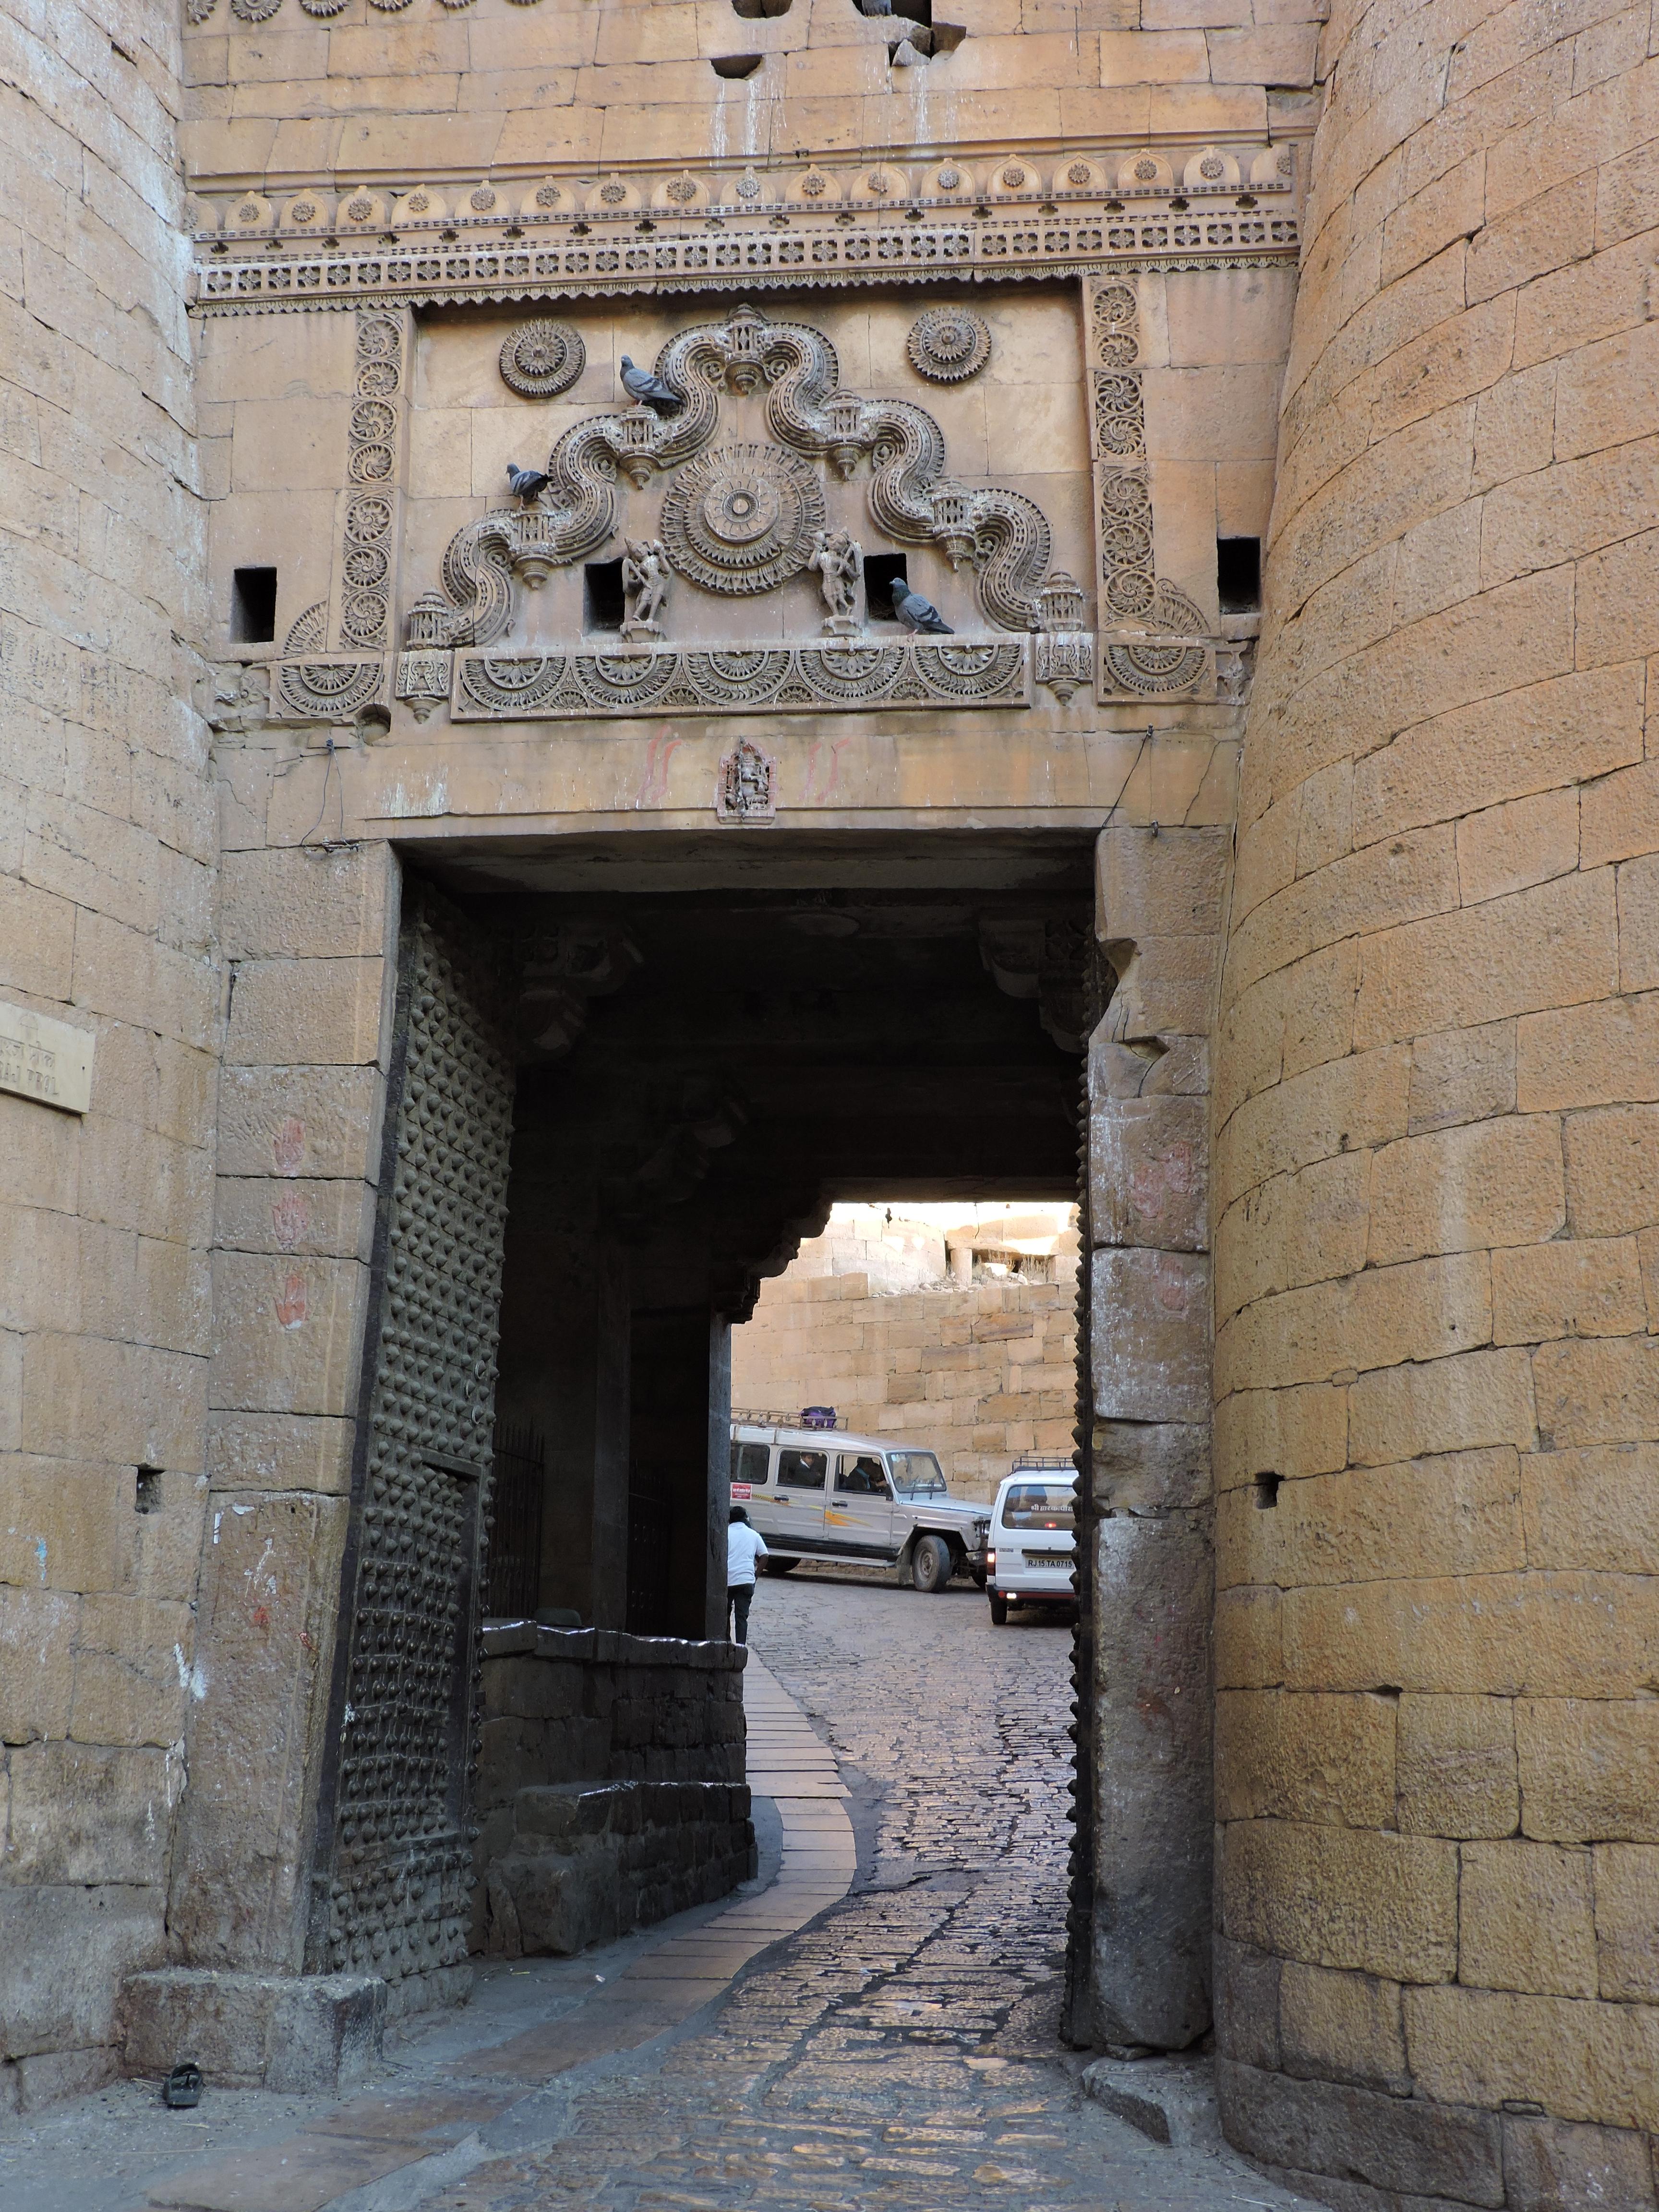 Fil ouvert-  Dates sur façades. Année 1602 par Fanch 56, dépassée par 1399 - 1400 de Jocelyn - Page 4 533822LINDEJocelyn022017285